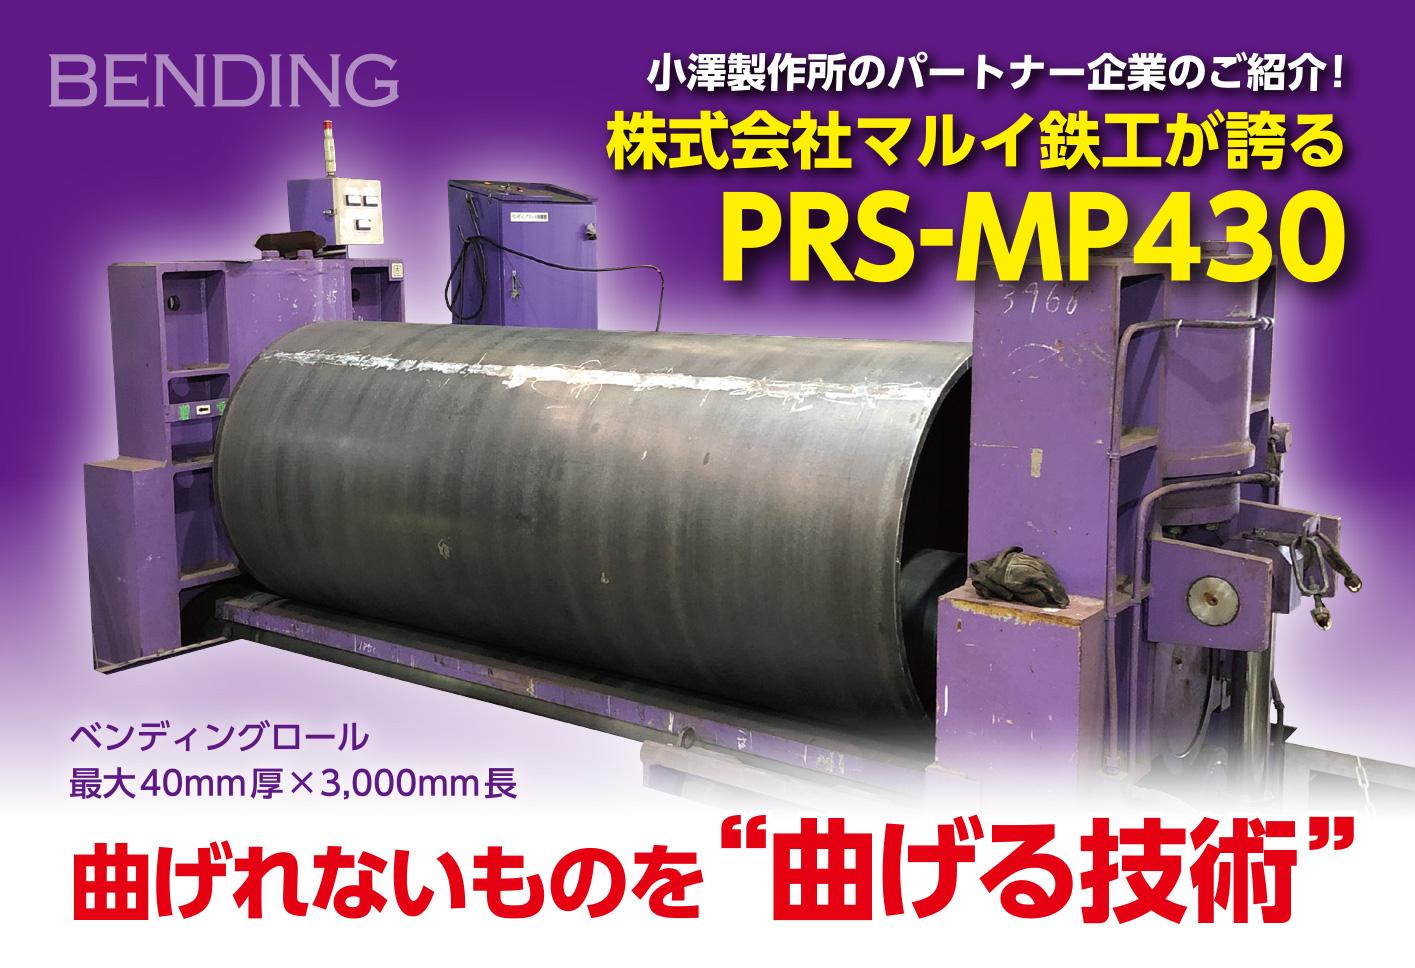 PRS-MP430を持つマルイ鉄工の曲げられないものを曲げる技術